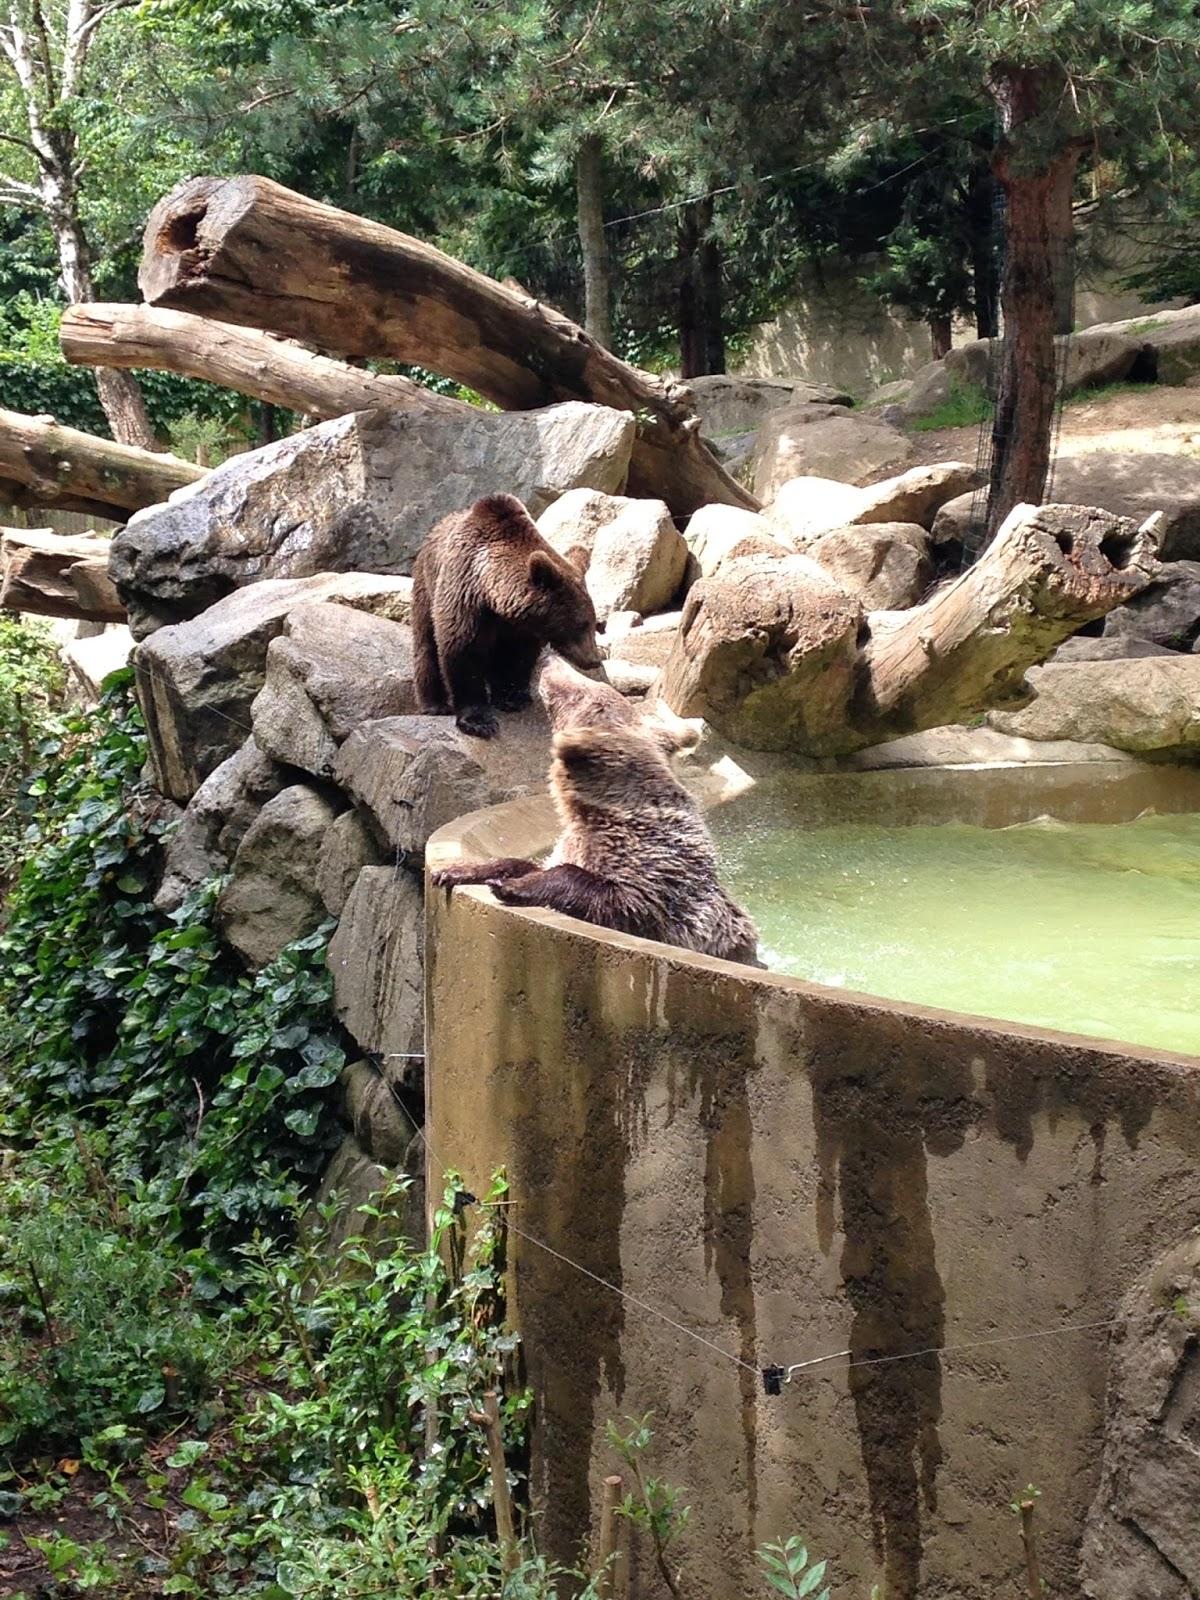 Osos en el Parque de los animales Pirenáicos